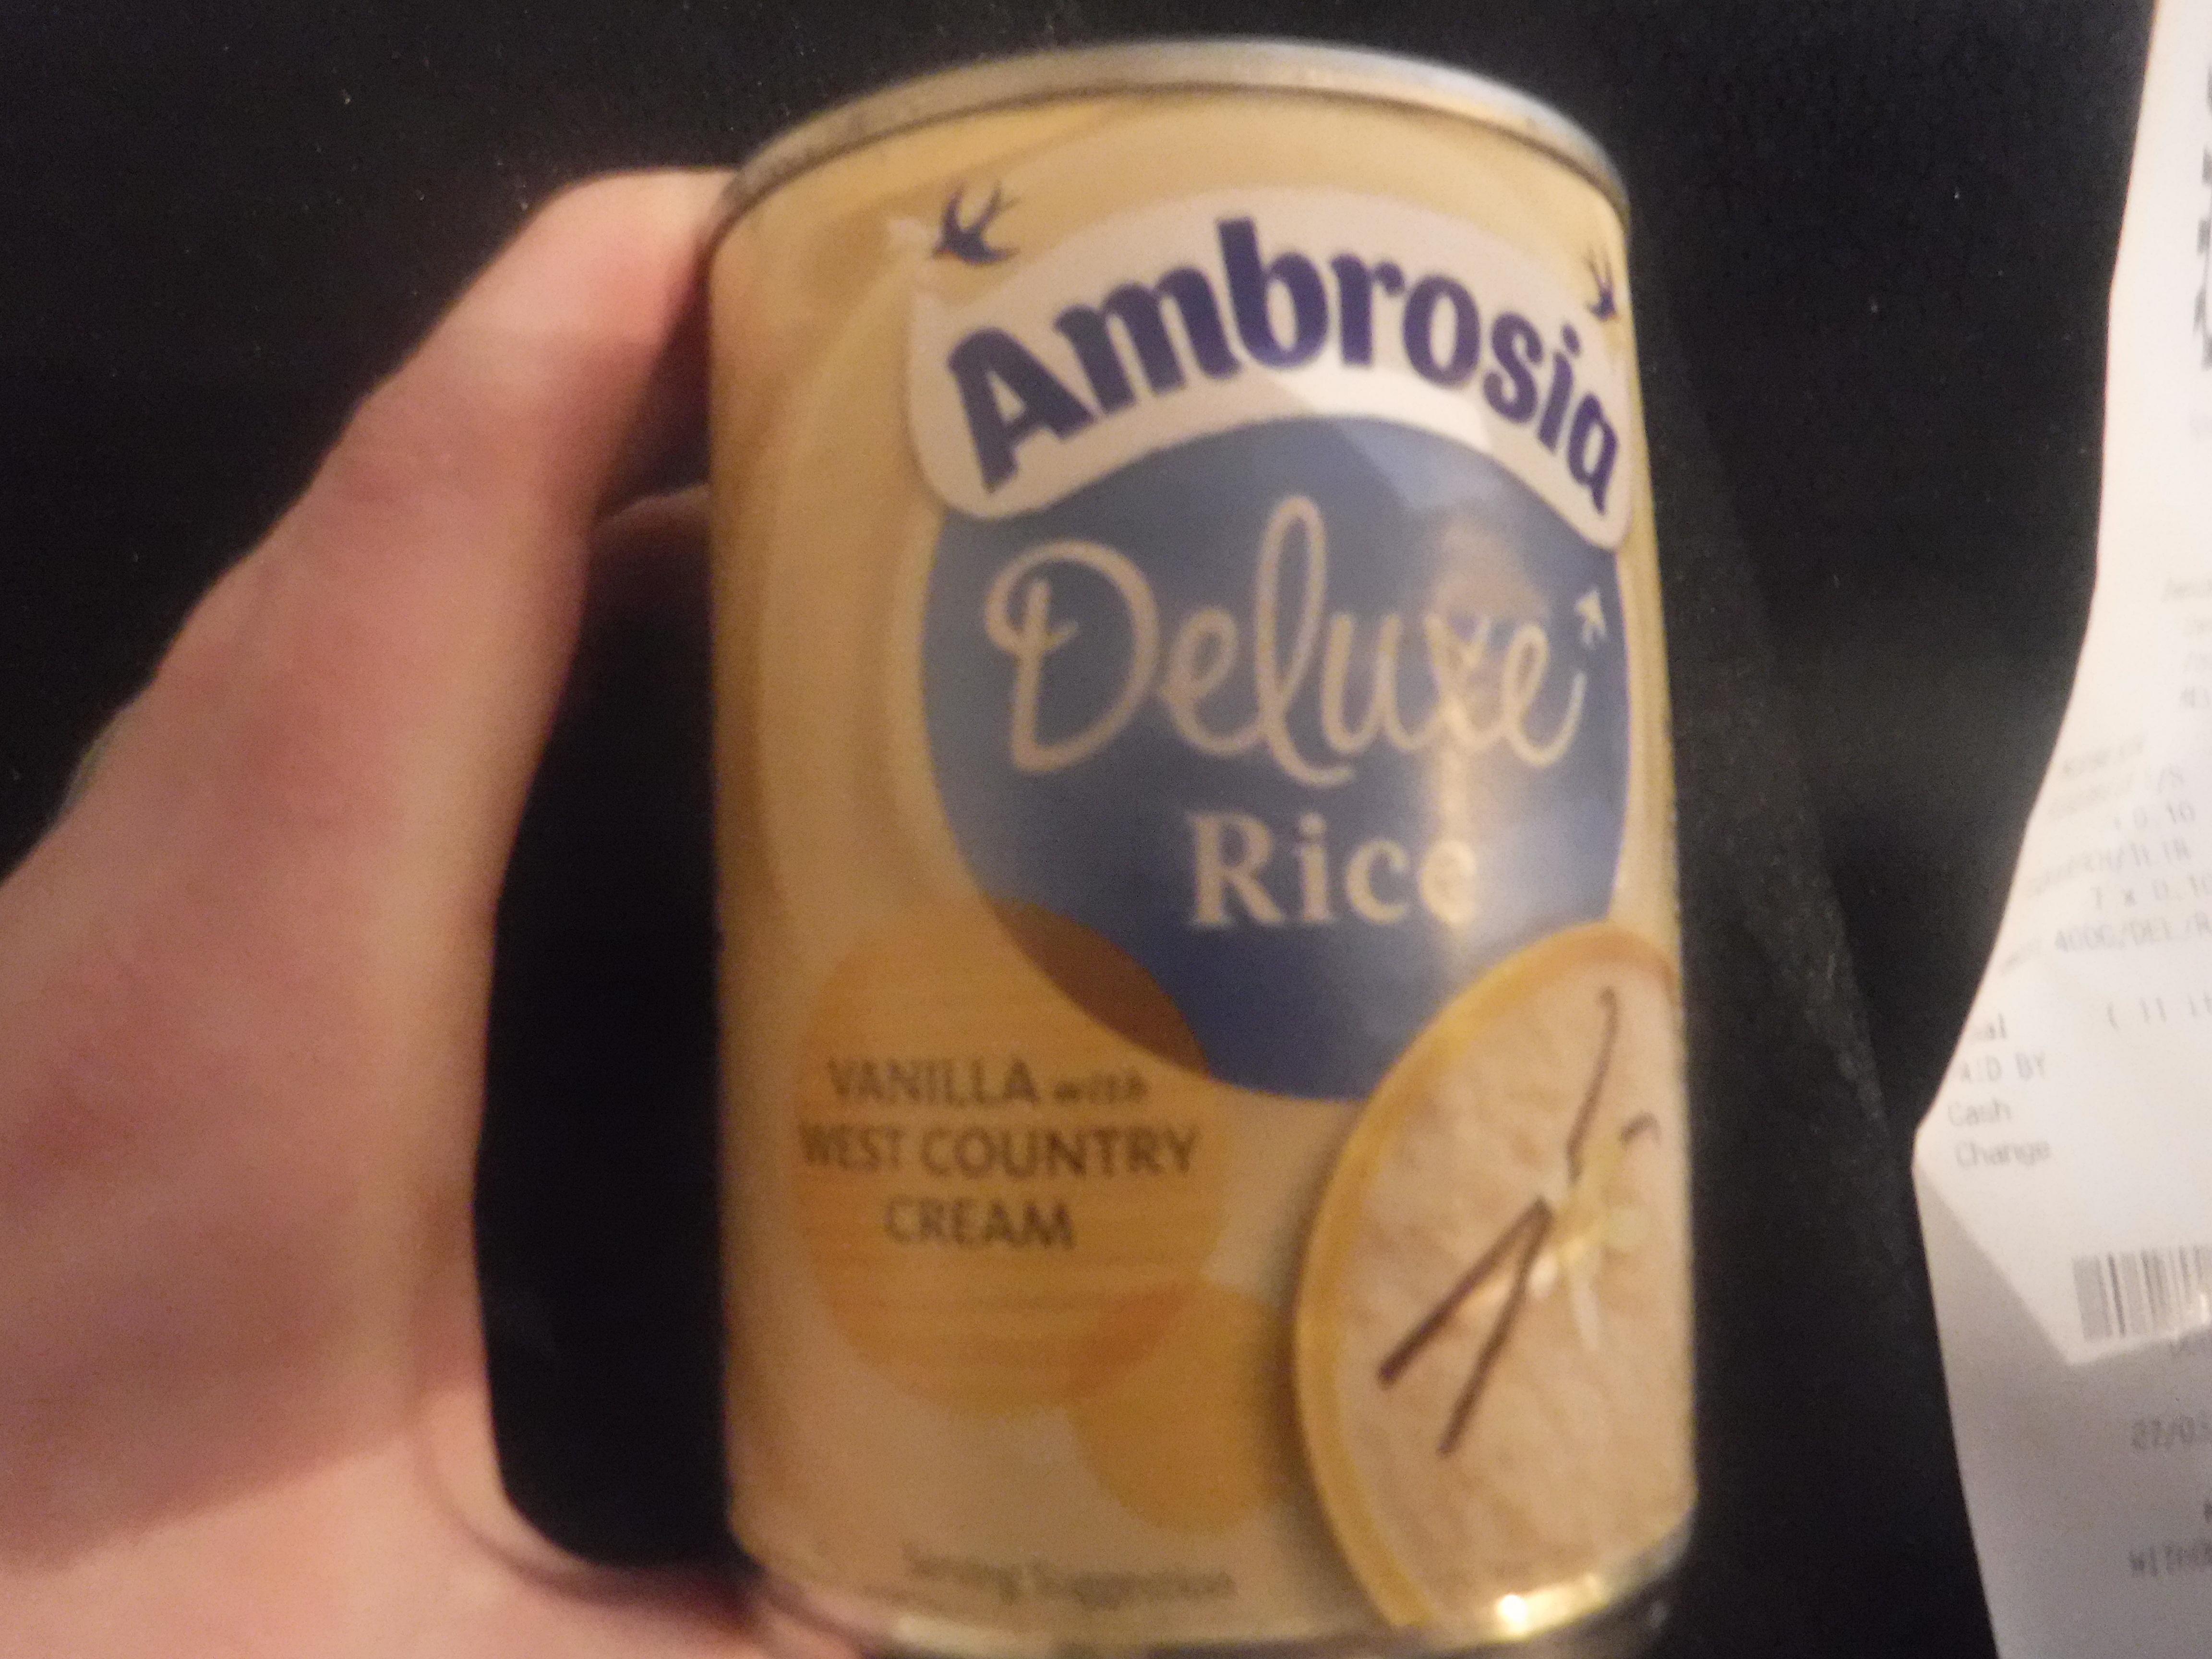 ambrosia deluxe rice - 10p instore @ B&M (Droylston)